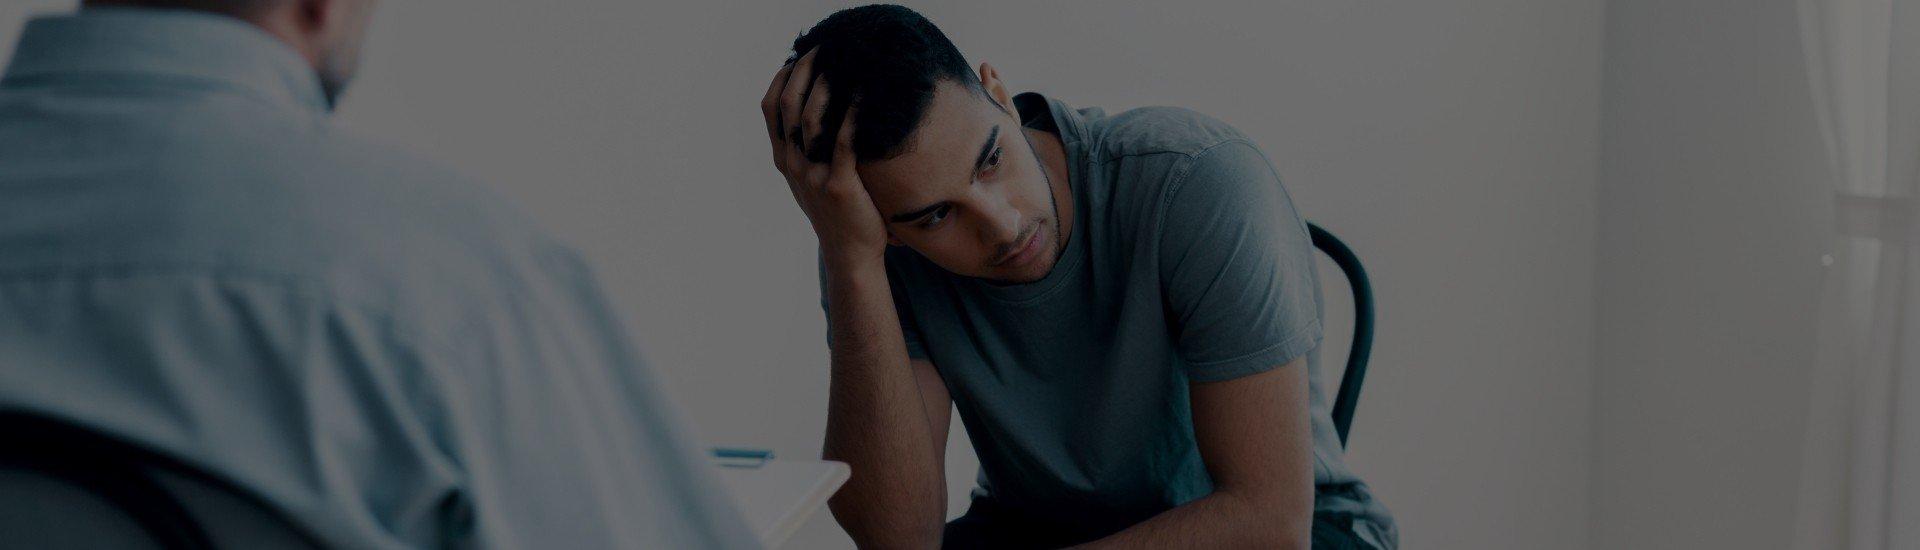 Cosa motiva una persona dipendente a curarsi?